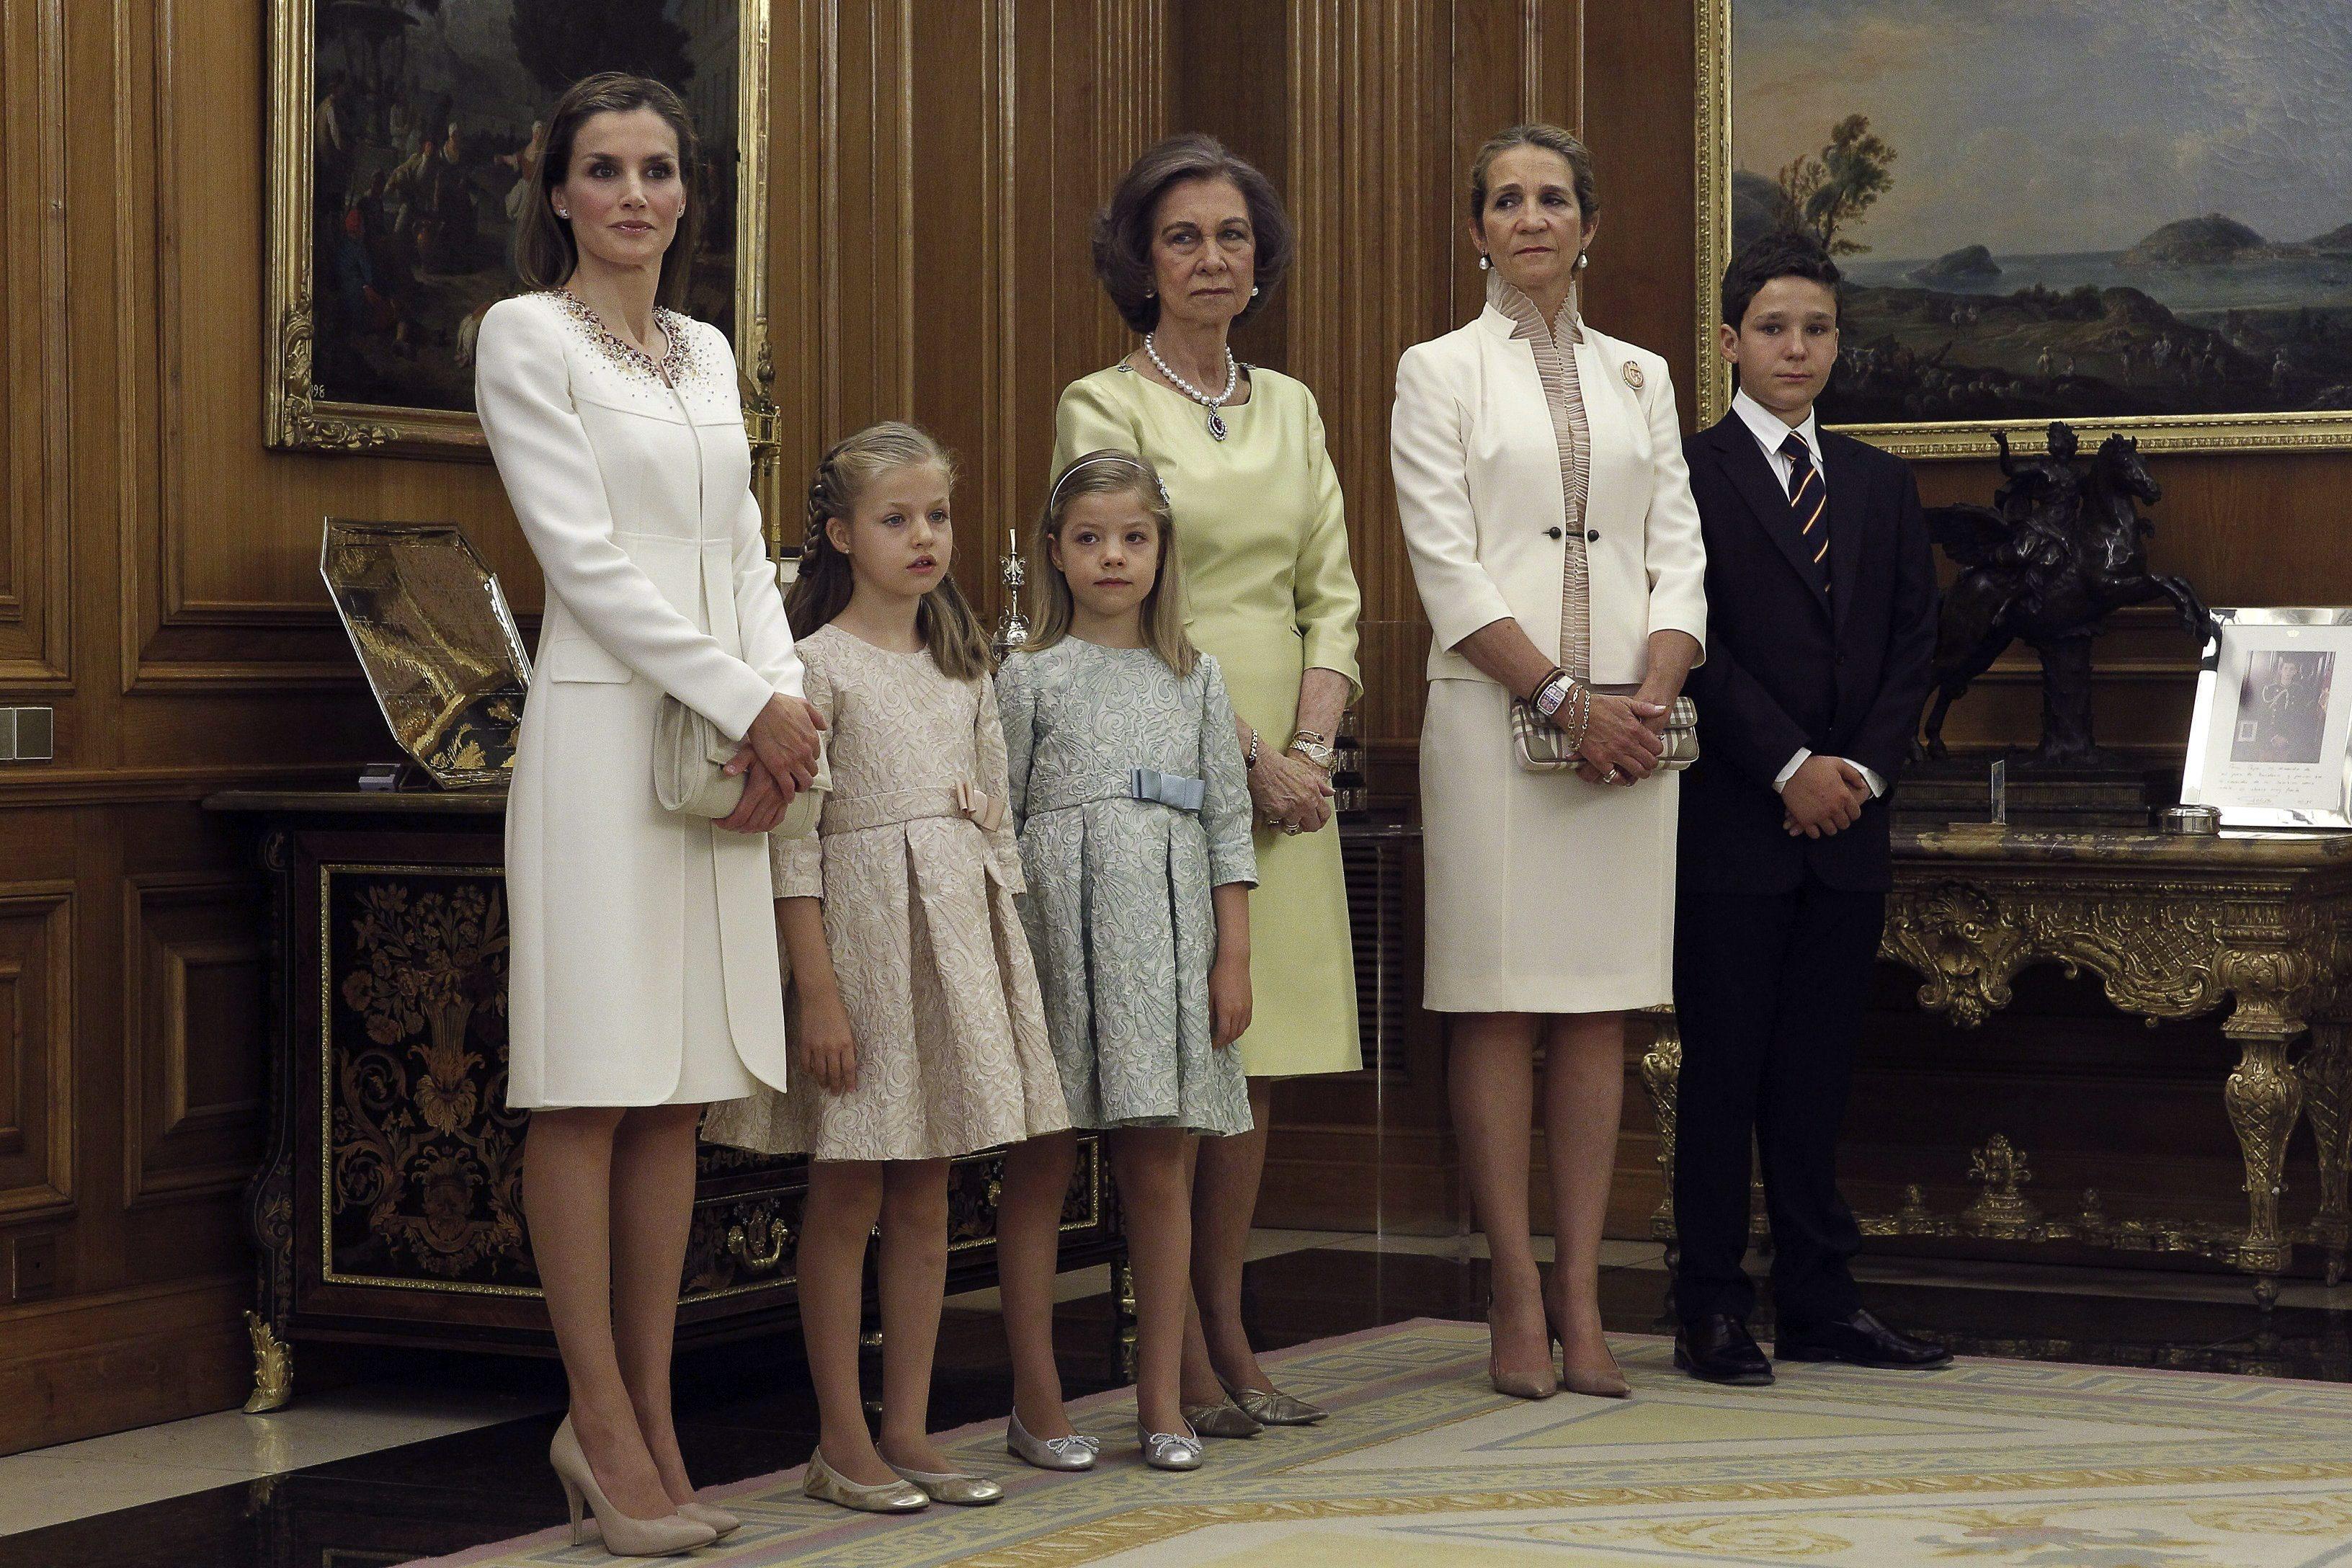 Королевская семья Испании во время церемонии коронации Филиппа VI